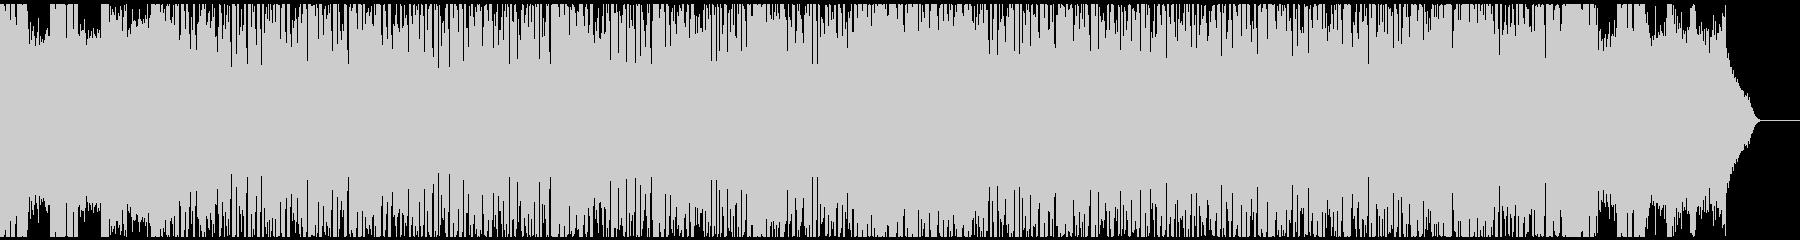 ヘッドラインニュースBGM/未来感の未再生の波形